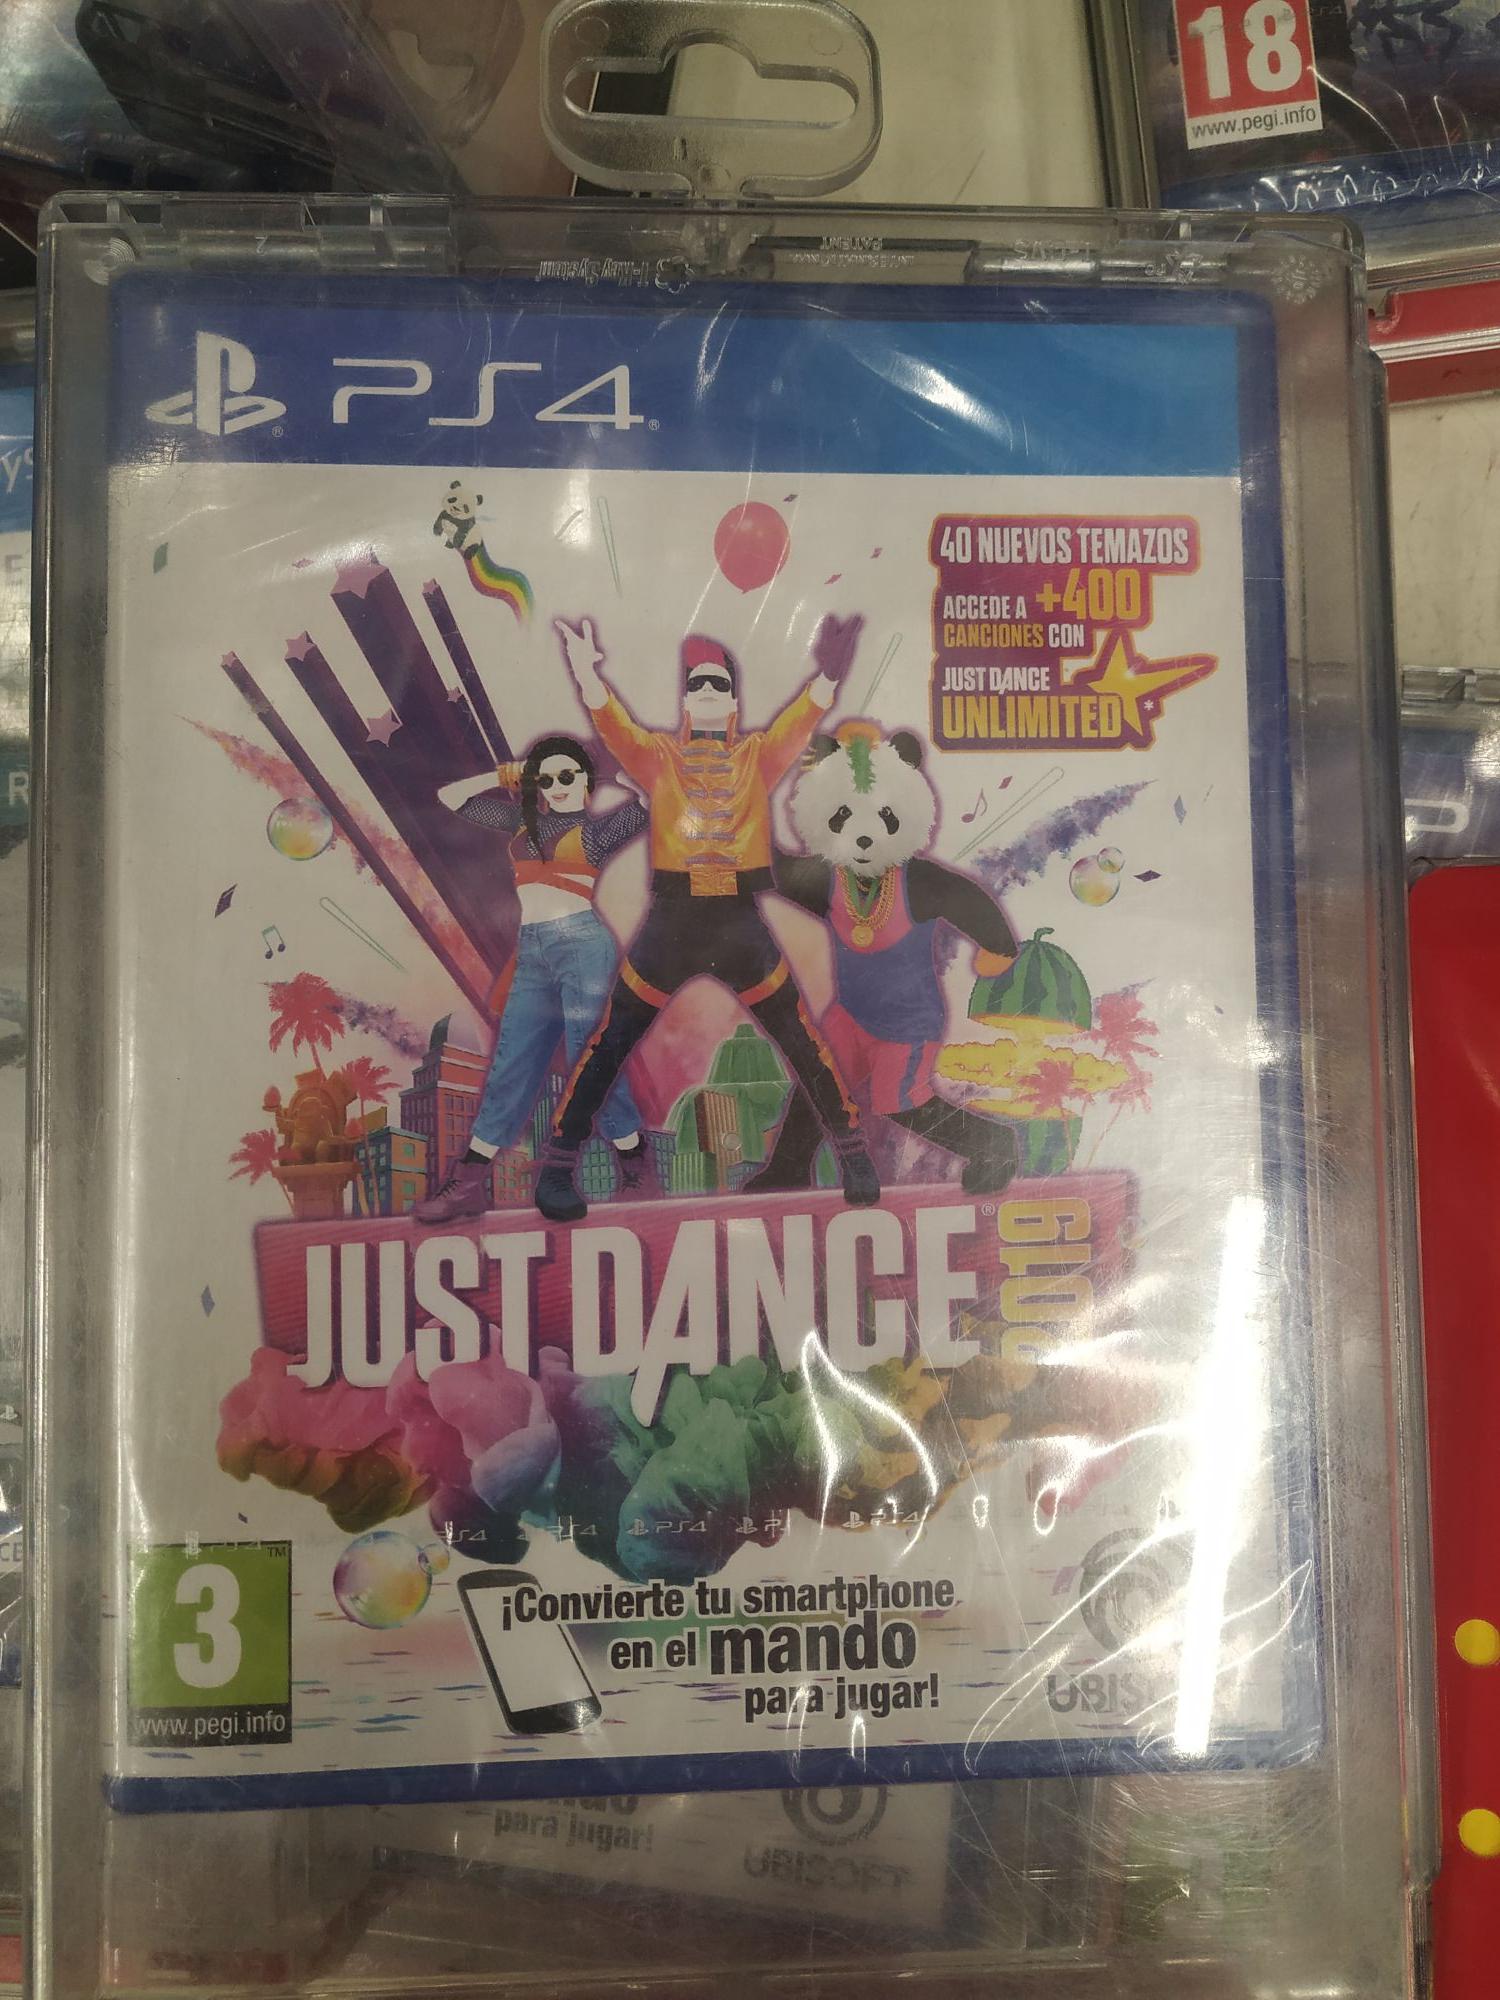 Just dance PS4 , alcampo, sevilla